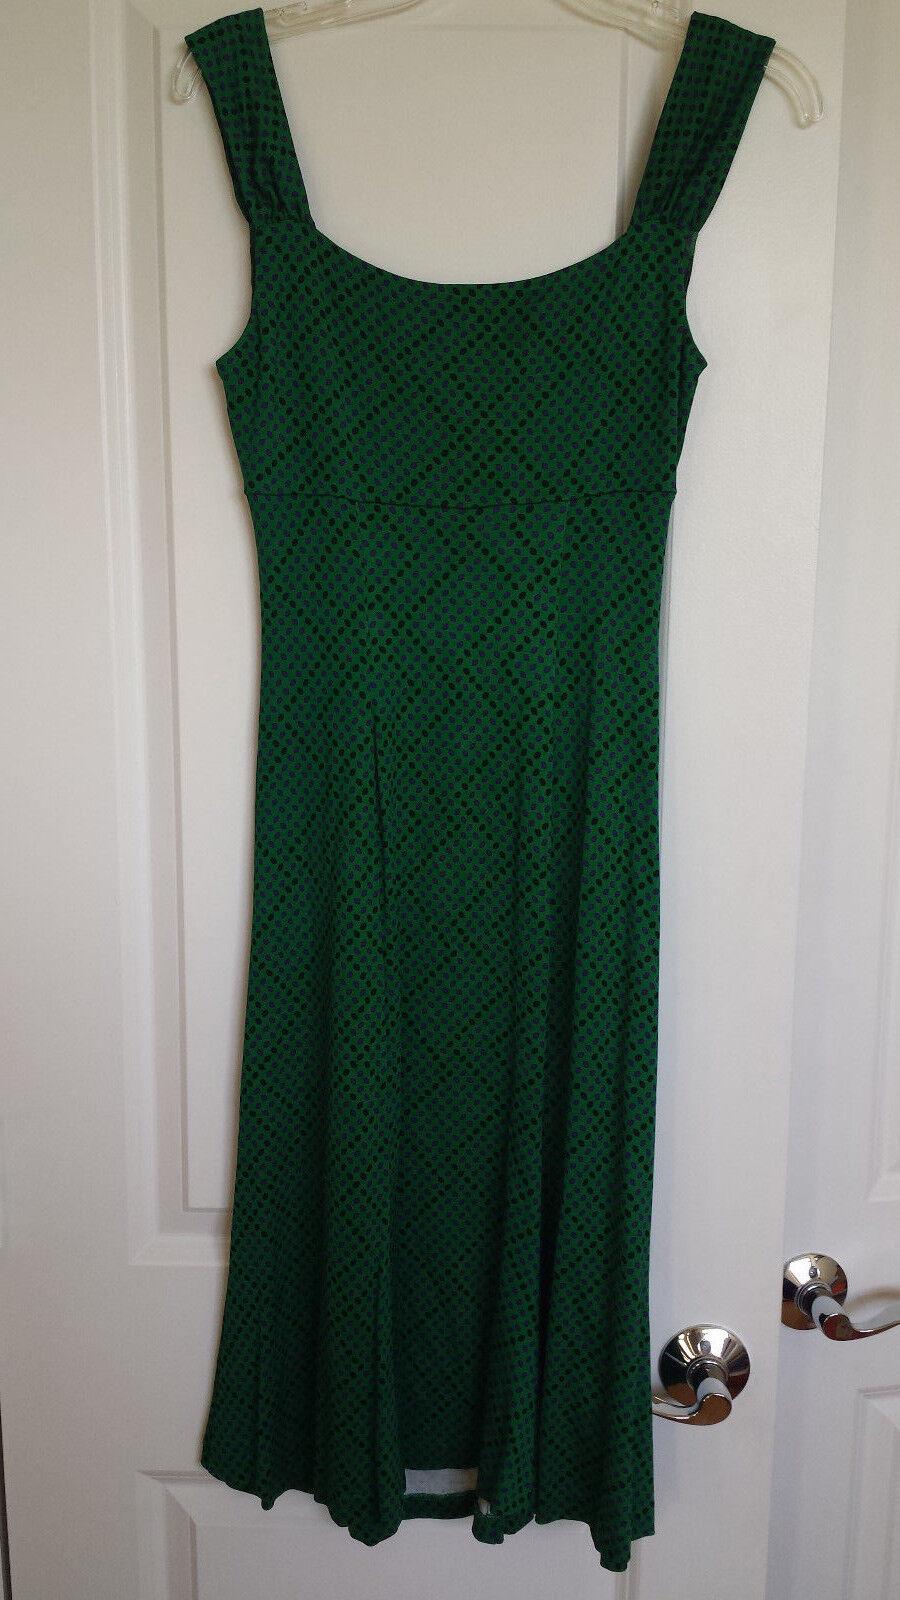 DVF DVF DVF Diane von Furstenberg 100% Silk dress green with purple dots size 6, mint 65e5b2